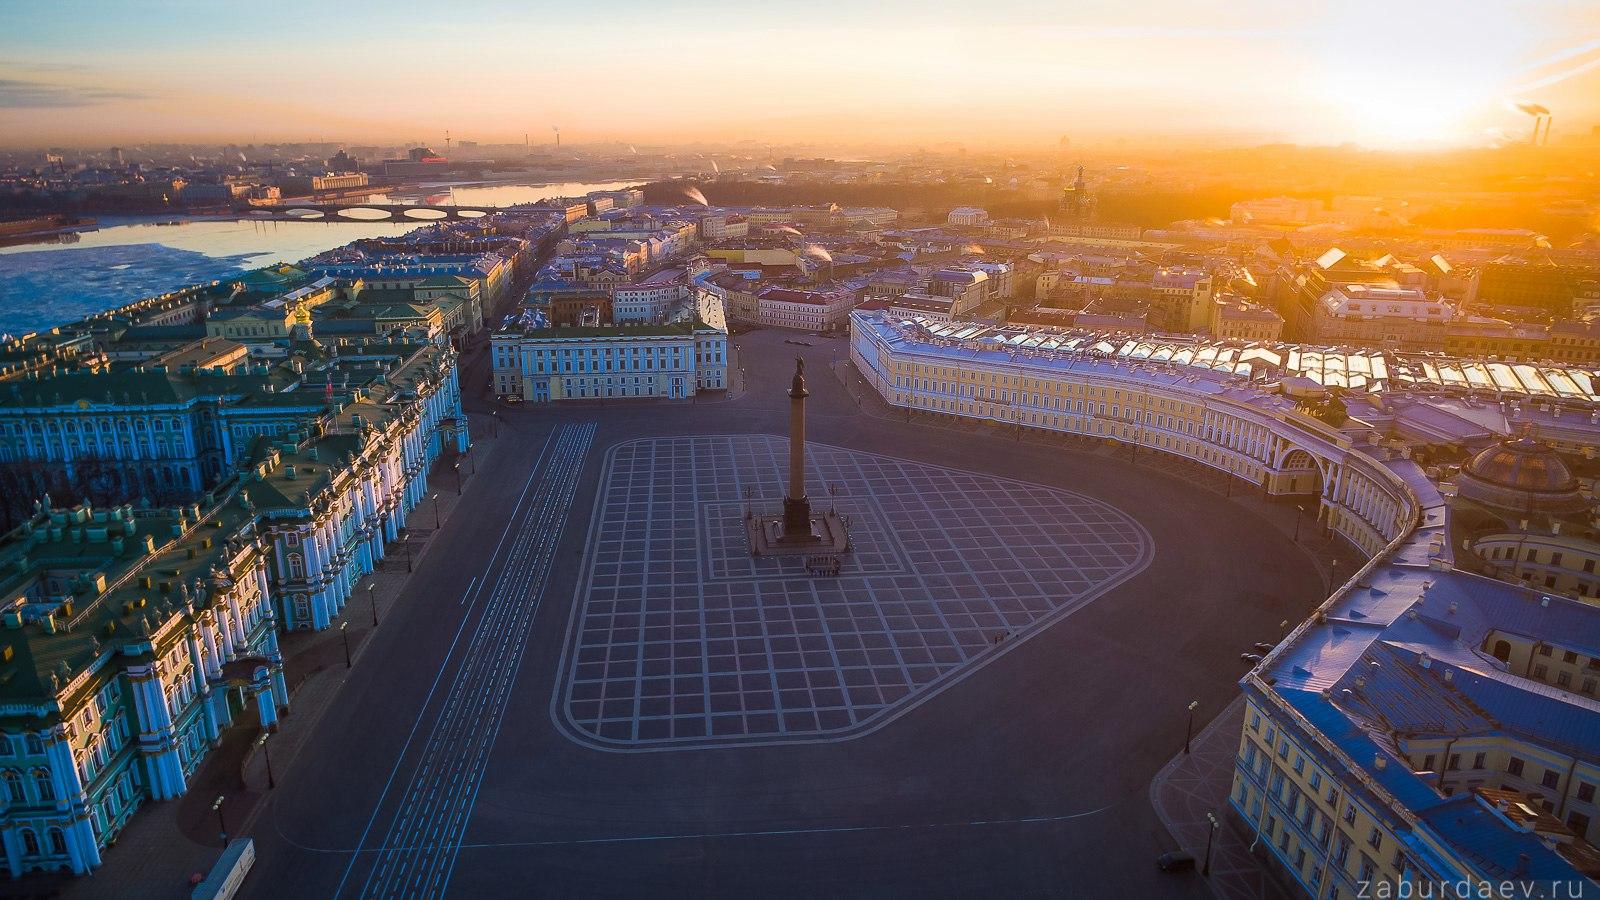 Дворцовая площадь с высоты птичьего полета